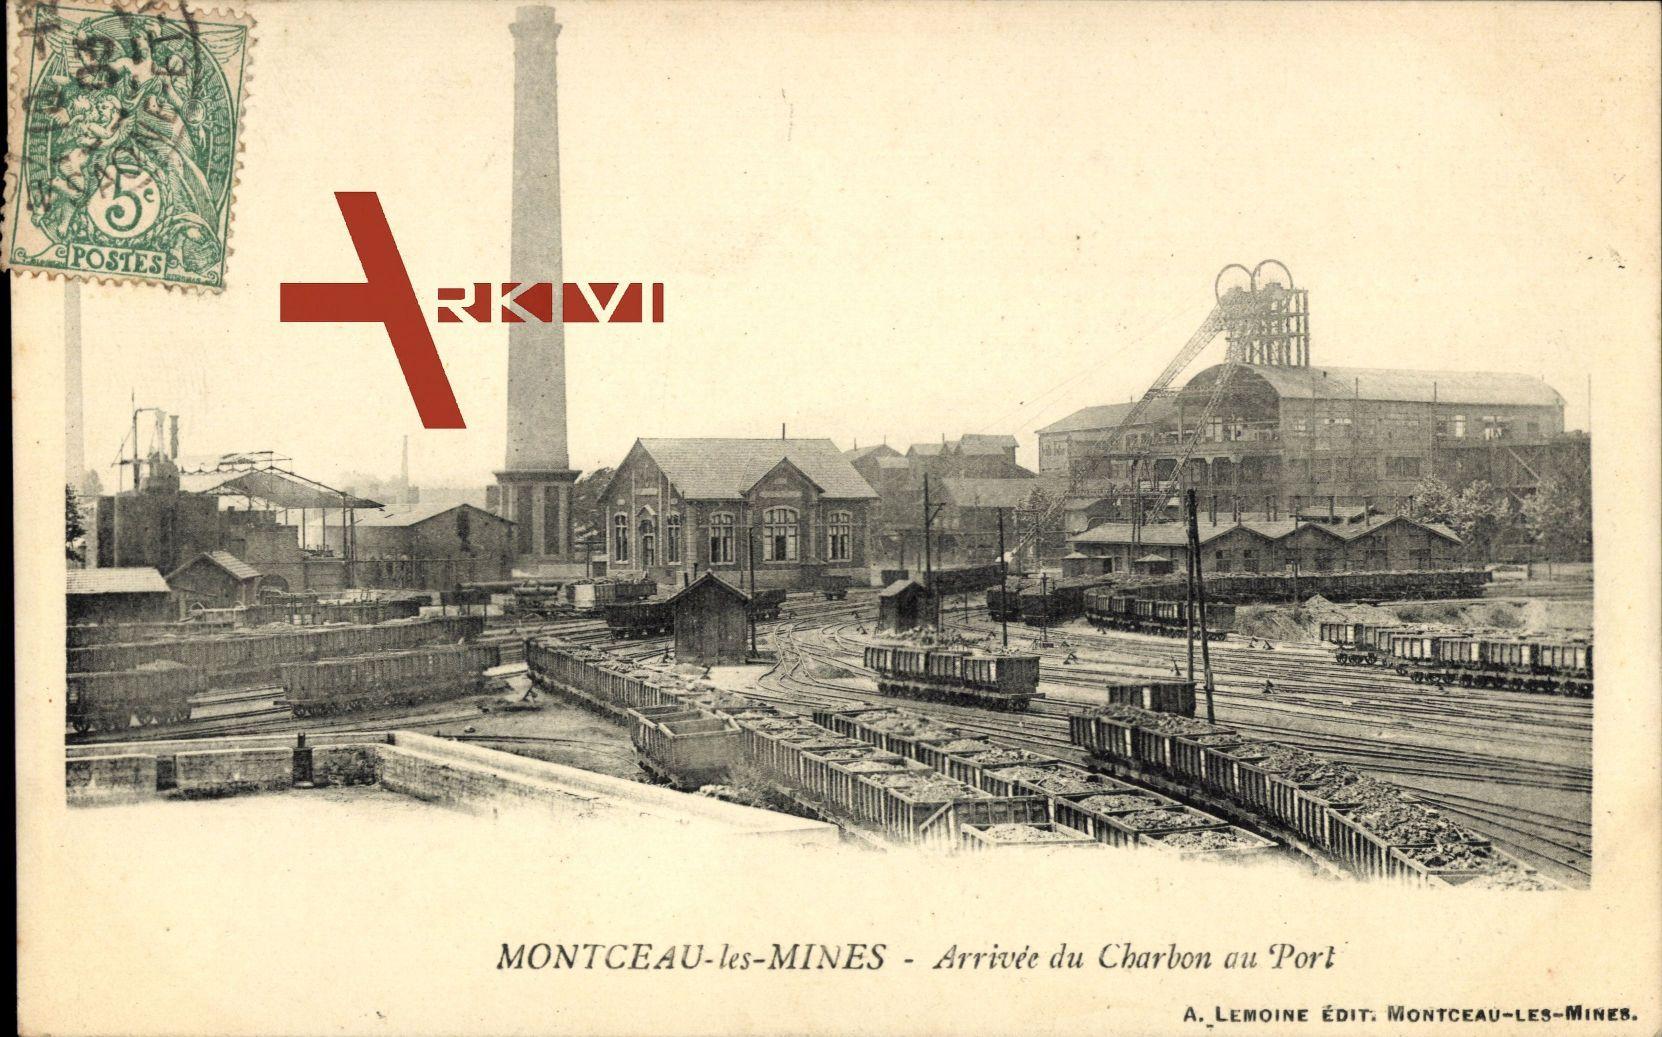 Montceau les Mines in Saône et Loire, Ankunft der Kohle im Hafen - Arrivée du Charbon au Port - um 1903